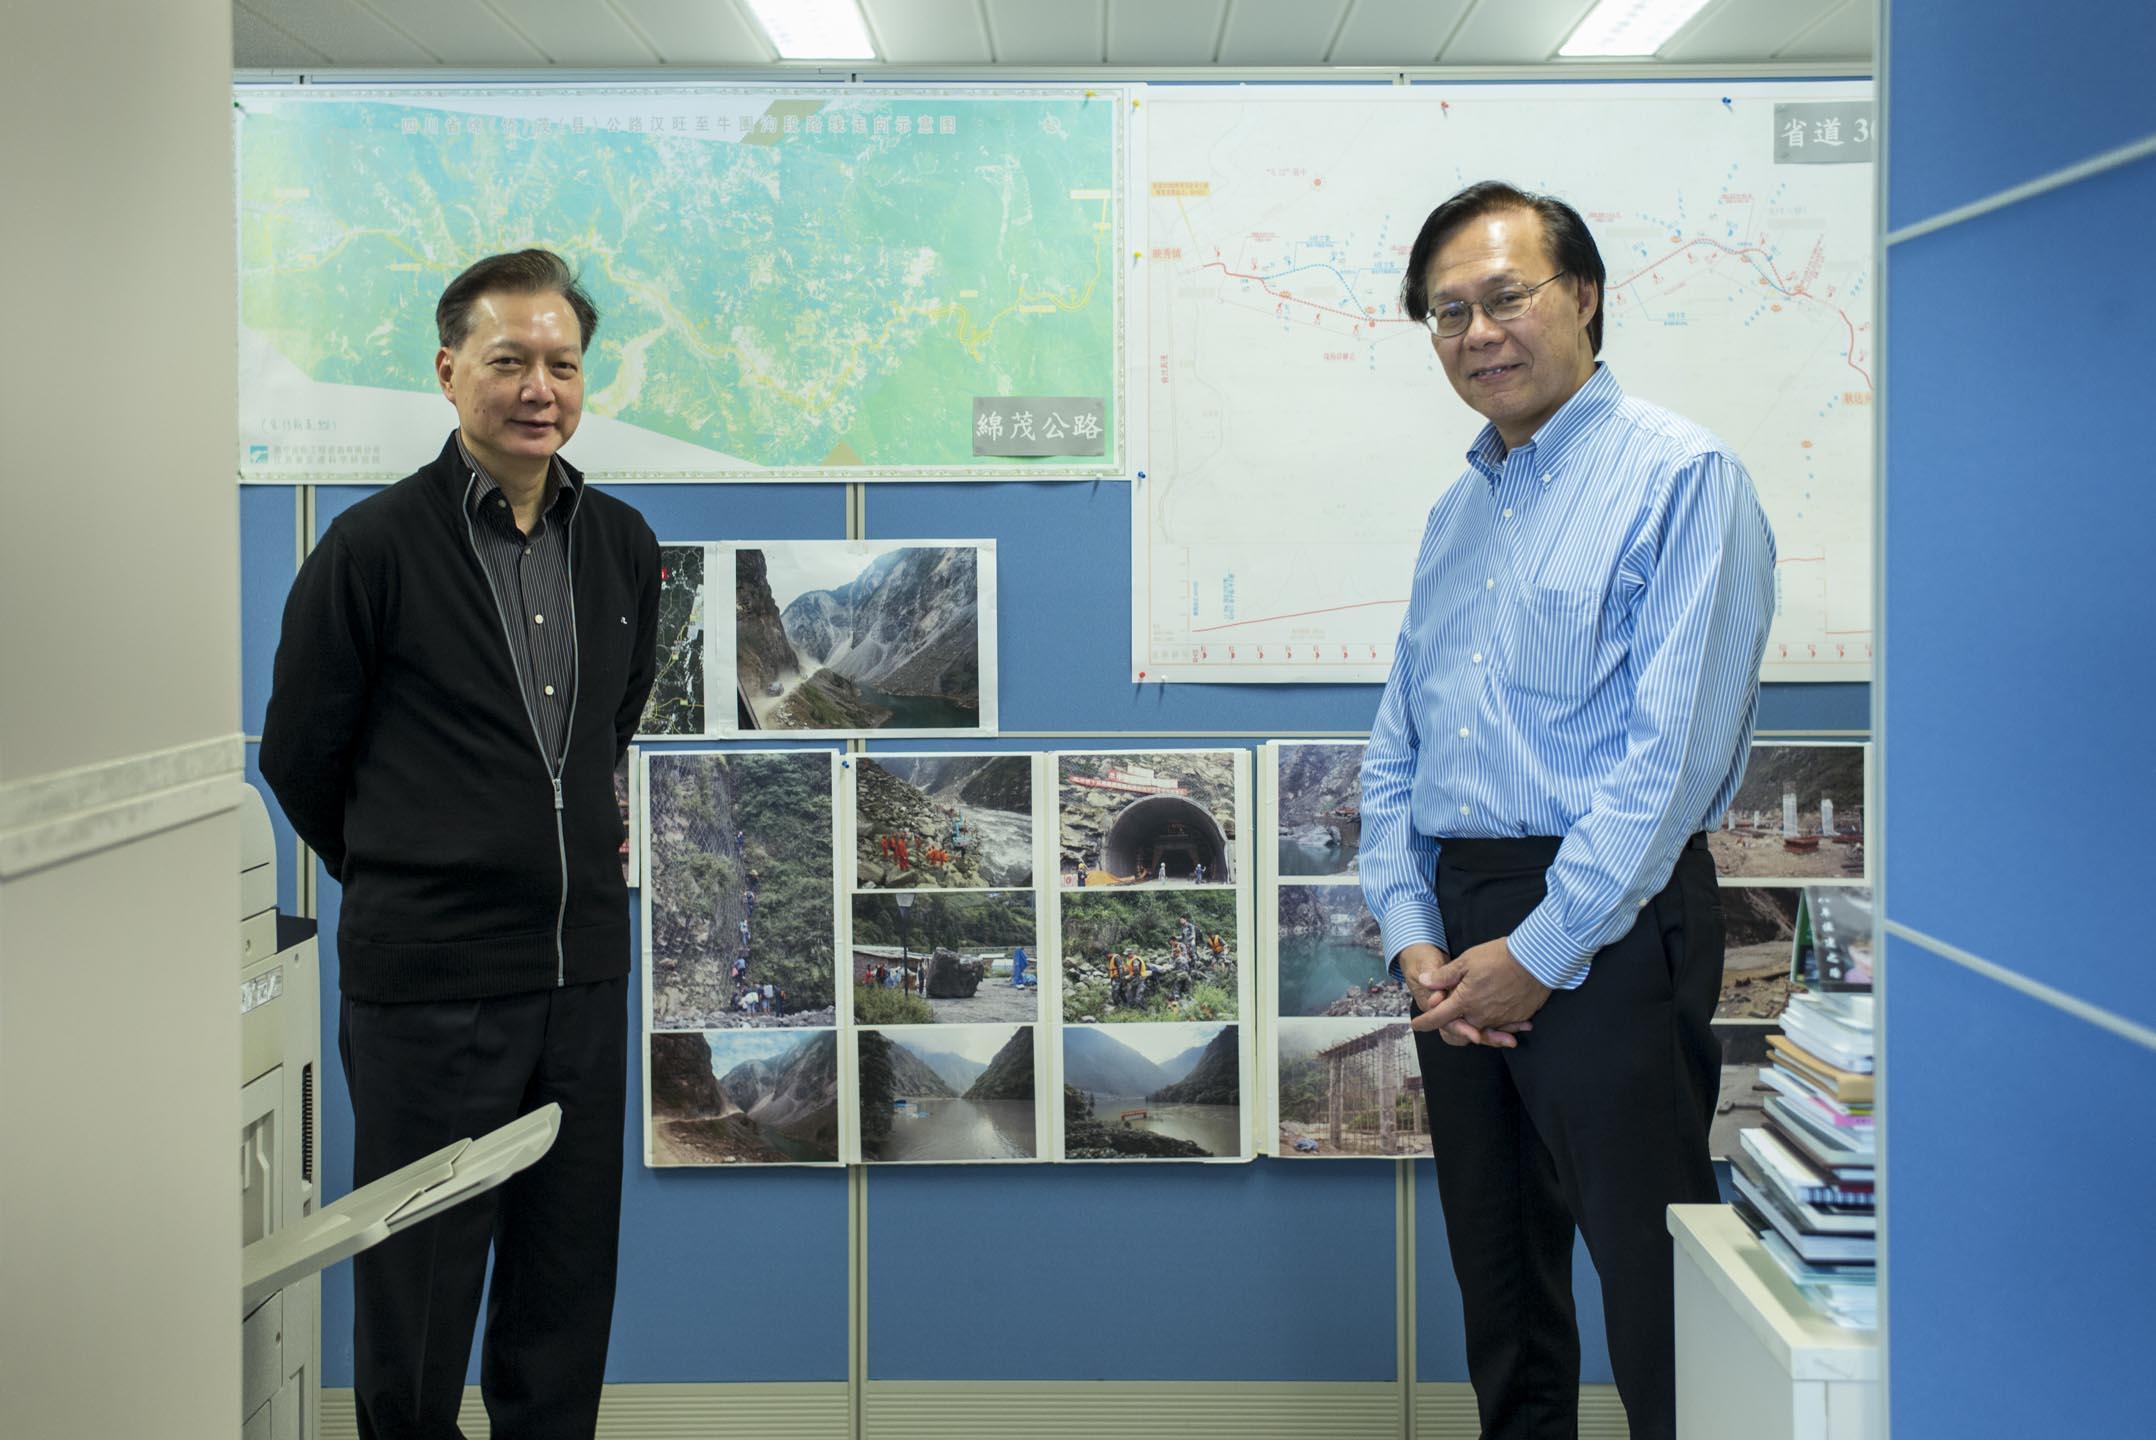 香港援建四川的港方主要負責人,時任香港發展局常任秘書長麥齊光與時任四川重建組副組長的唐錫波。